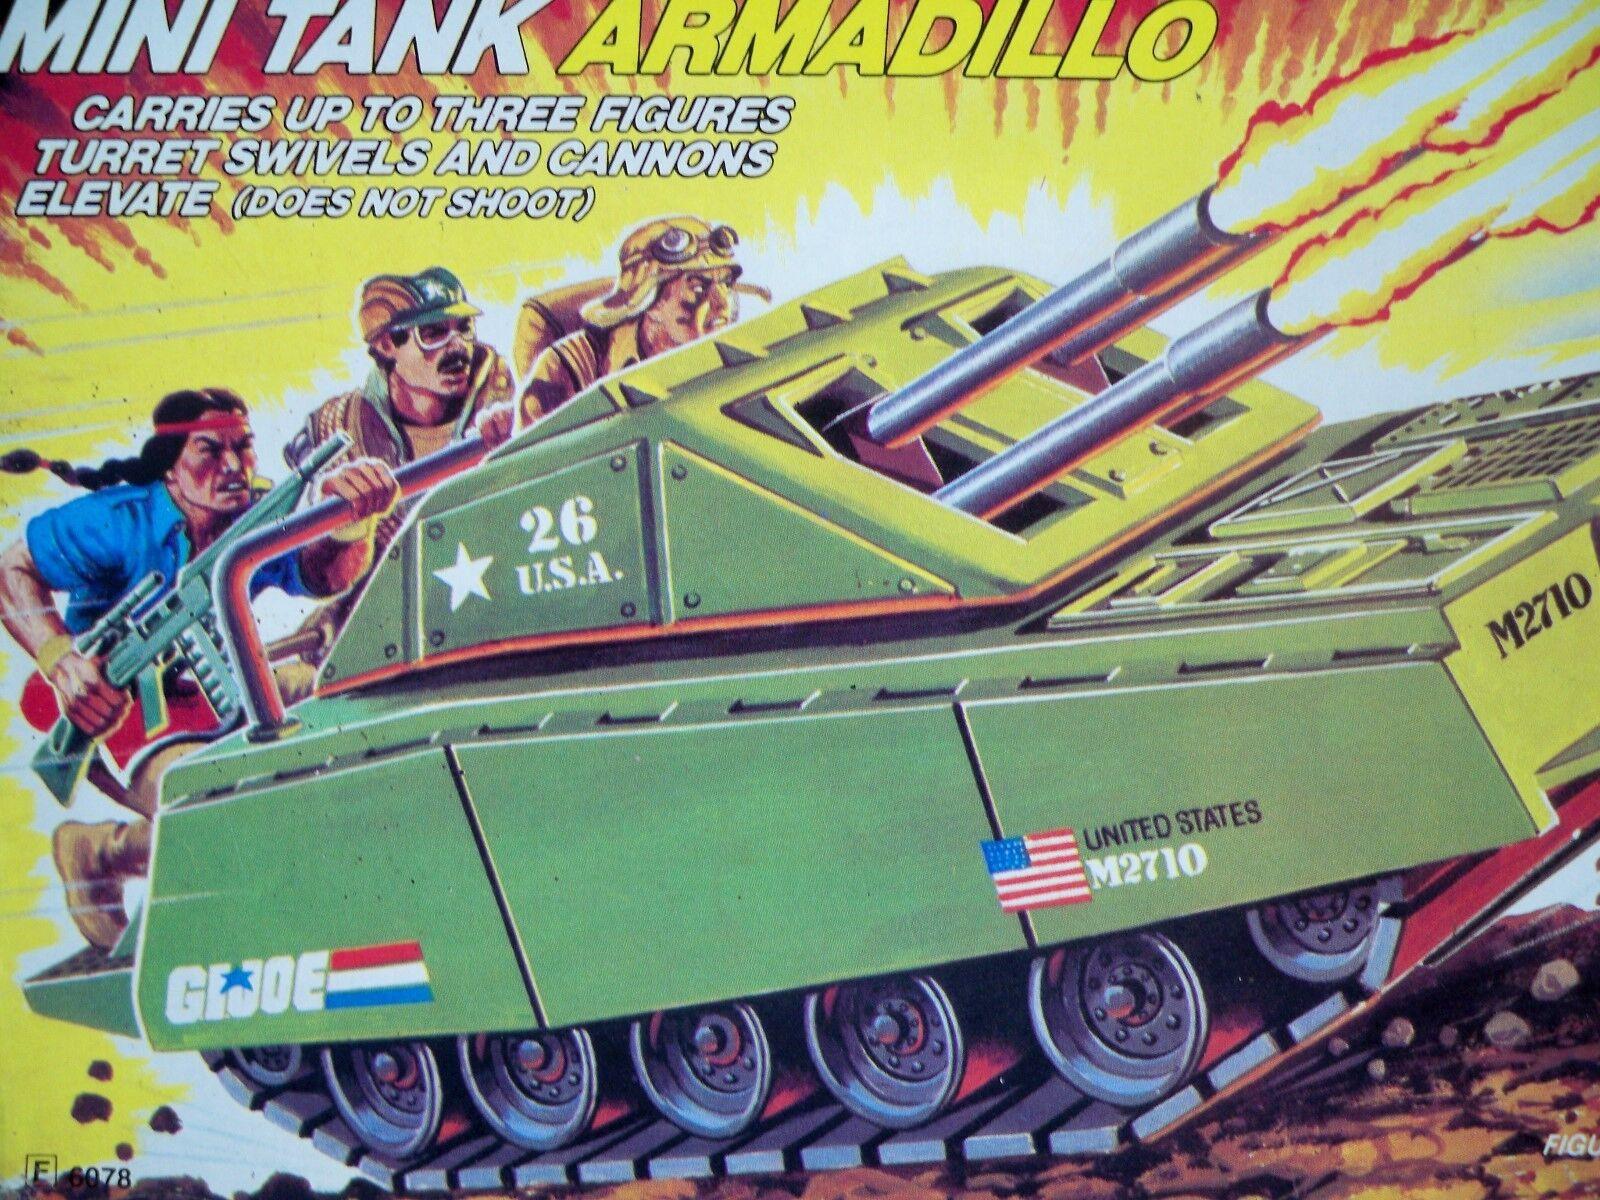 K1828011 tatou Tank Comme neuf in box Comme neuf in Box Sealed Sac Non GI Joe Vintage